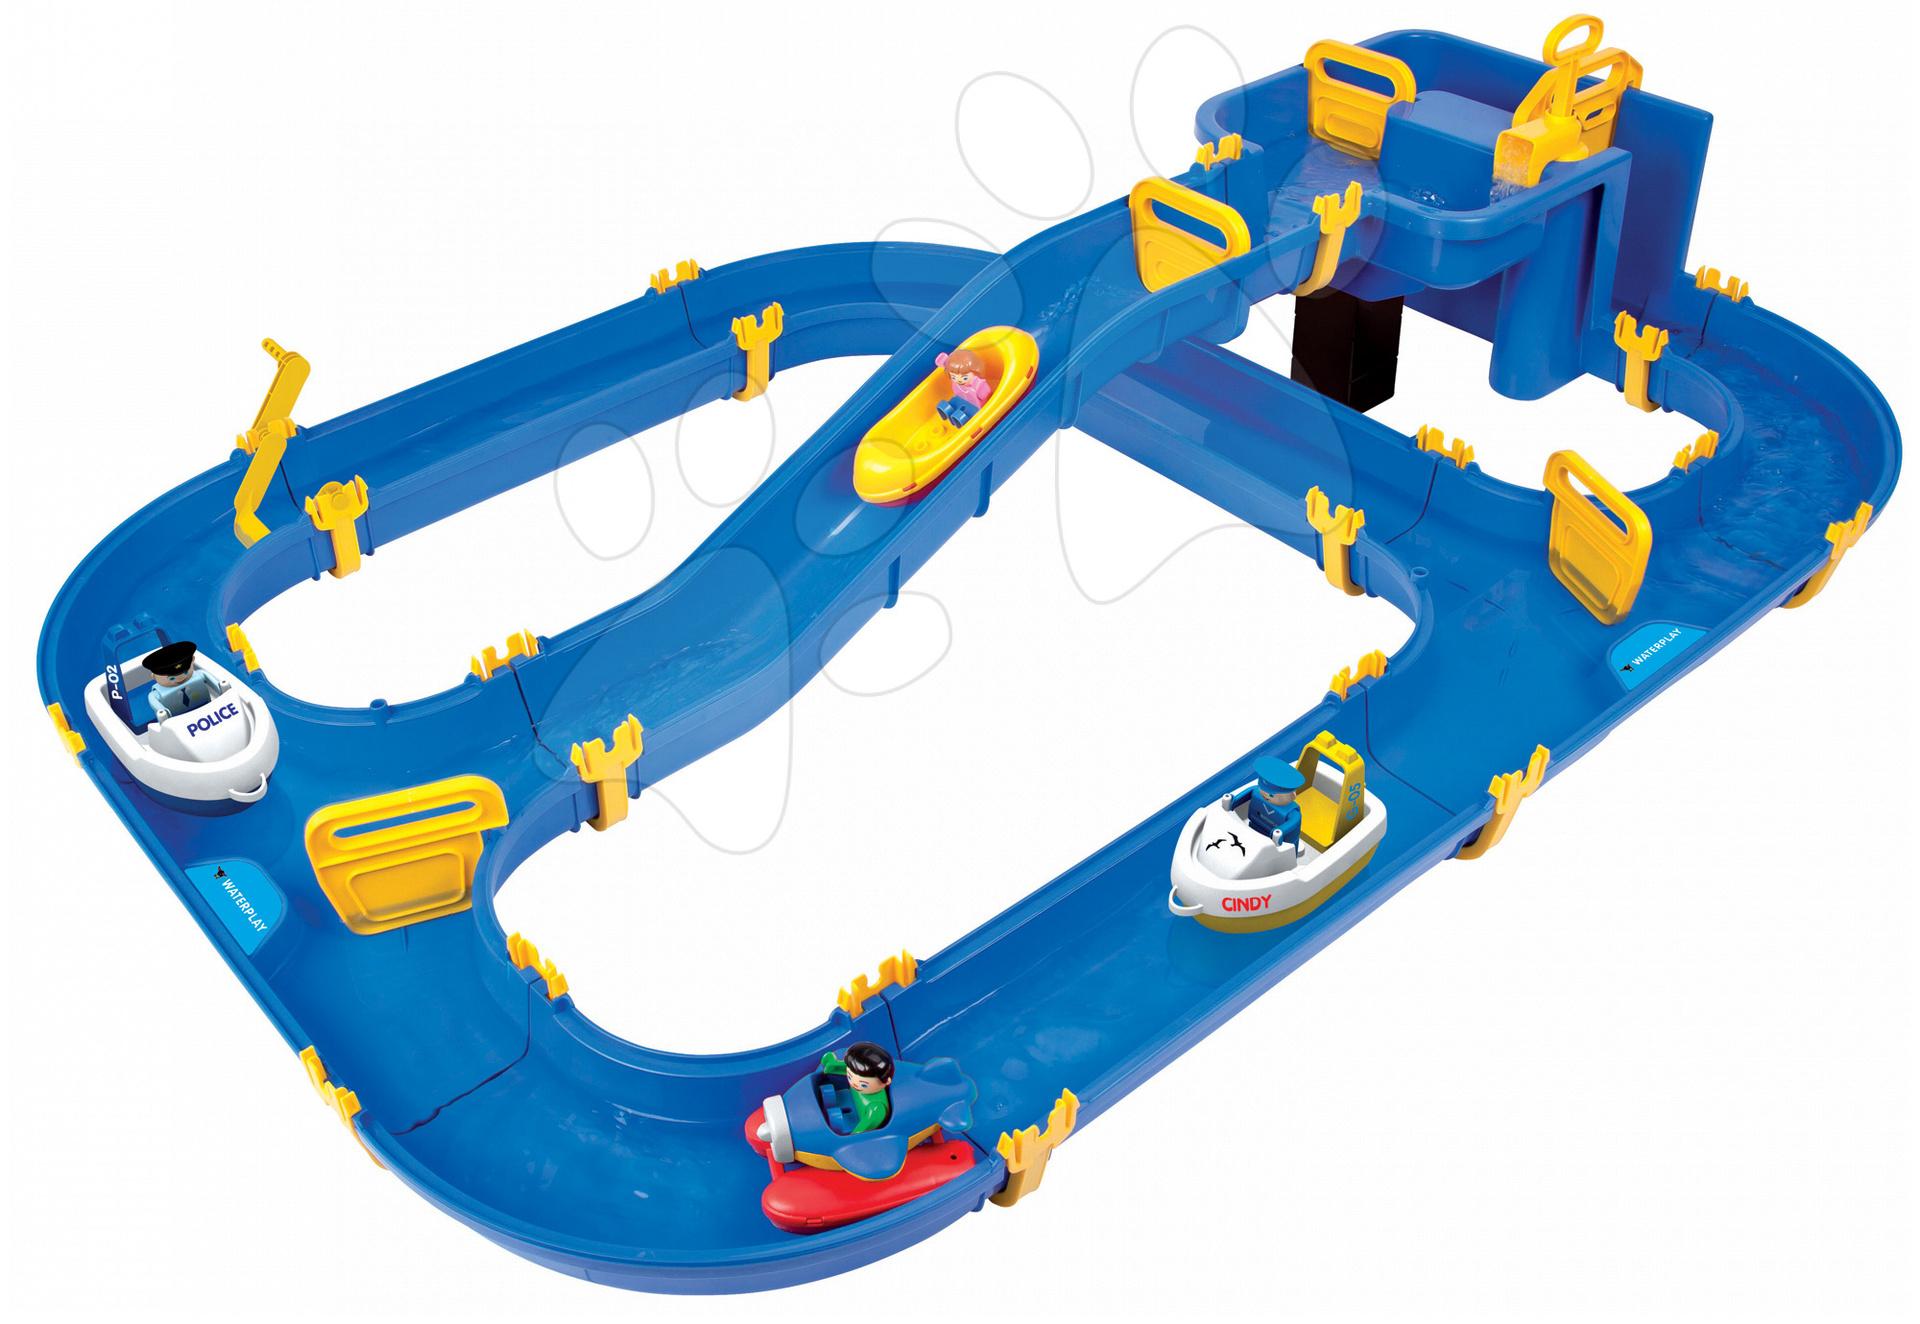 Vodne dráhy pre deti - Vodná hra Waterplay Niagara BIG skladacia s lodičkami modrá